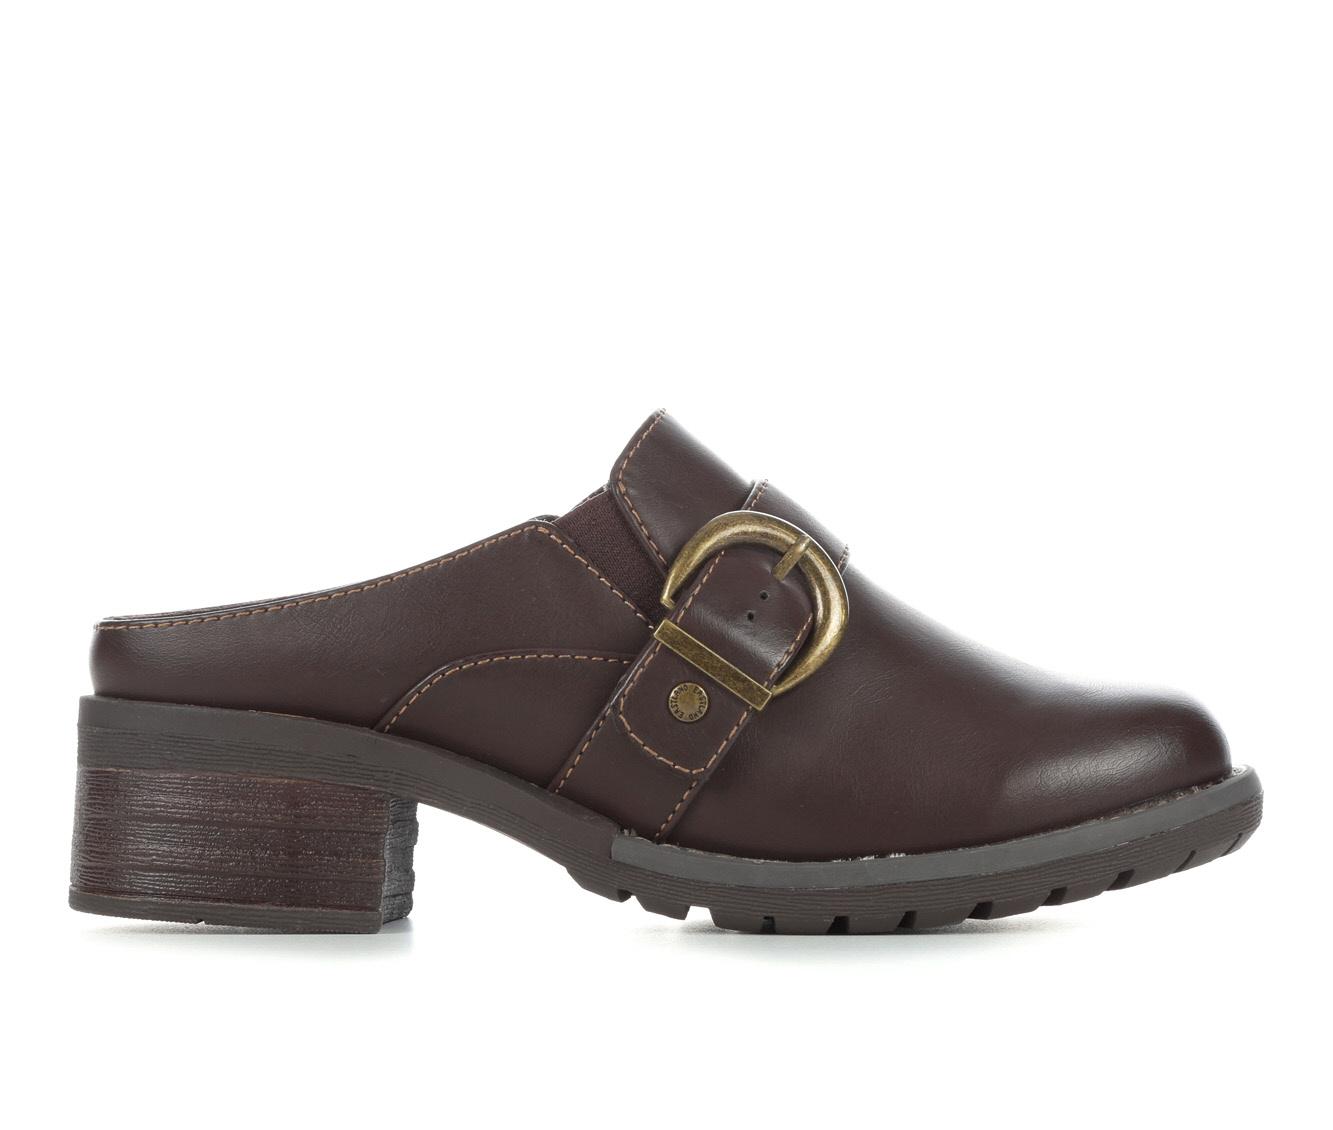 Eastland Erin Women's Shoe (Brown Faux Leather)